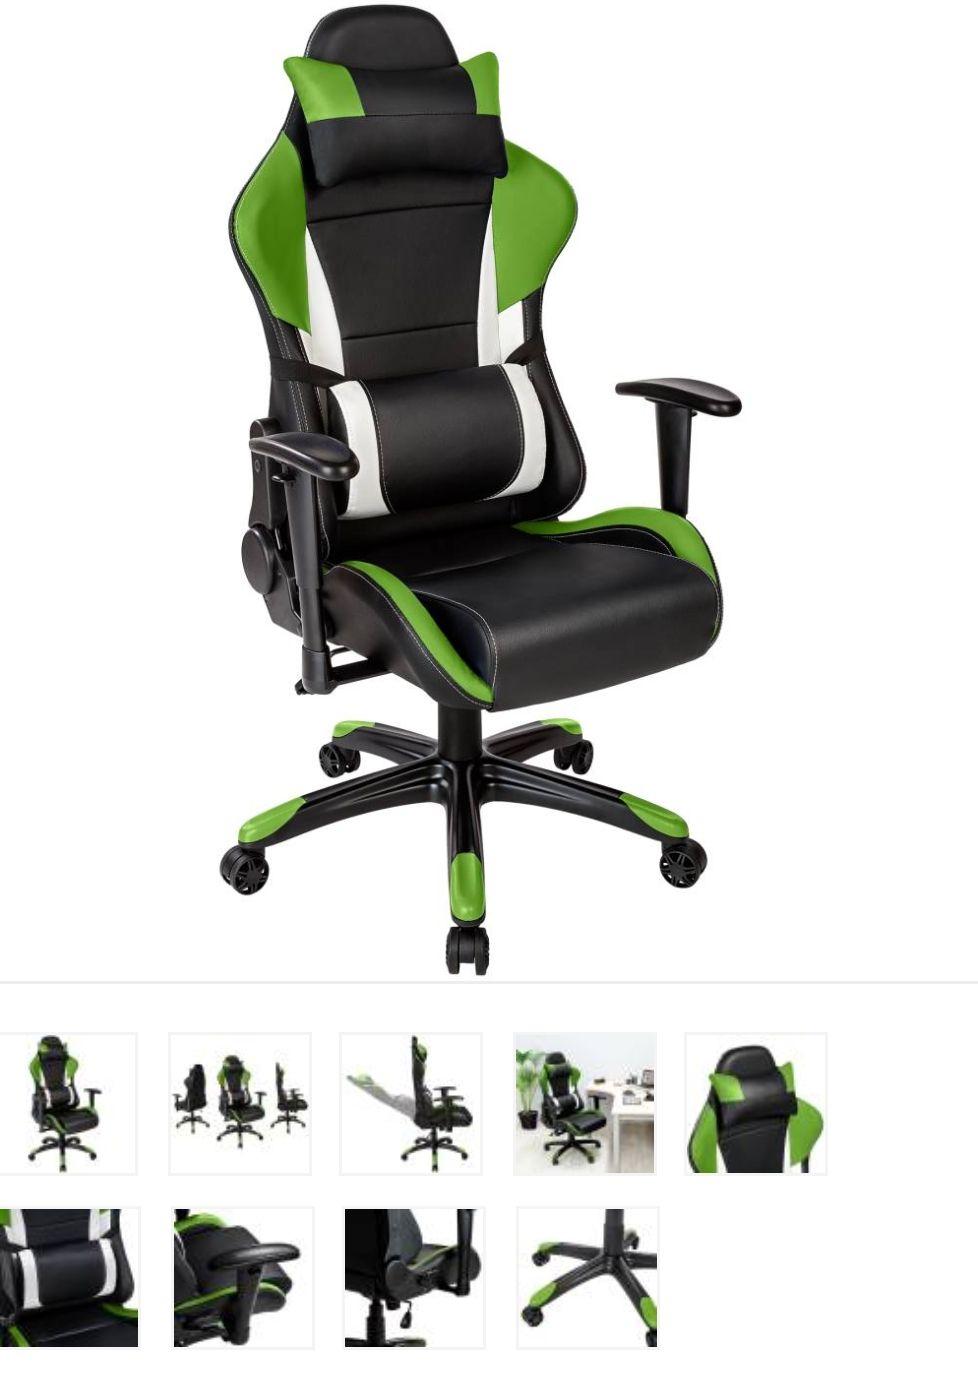 Fauteuil de bureau Gaming Racing Sport 3 - Rembourrage Épais blanc/noir/vert